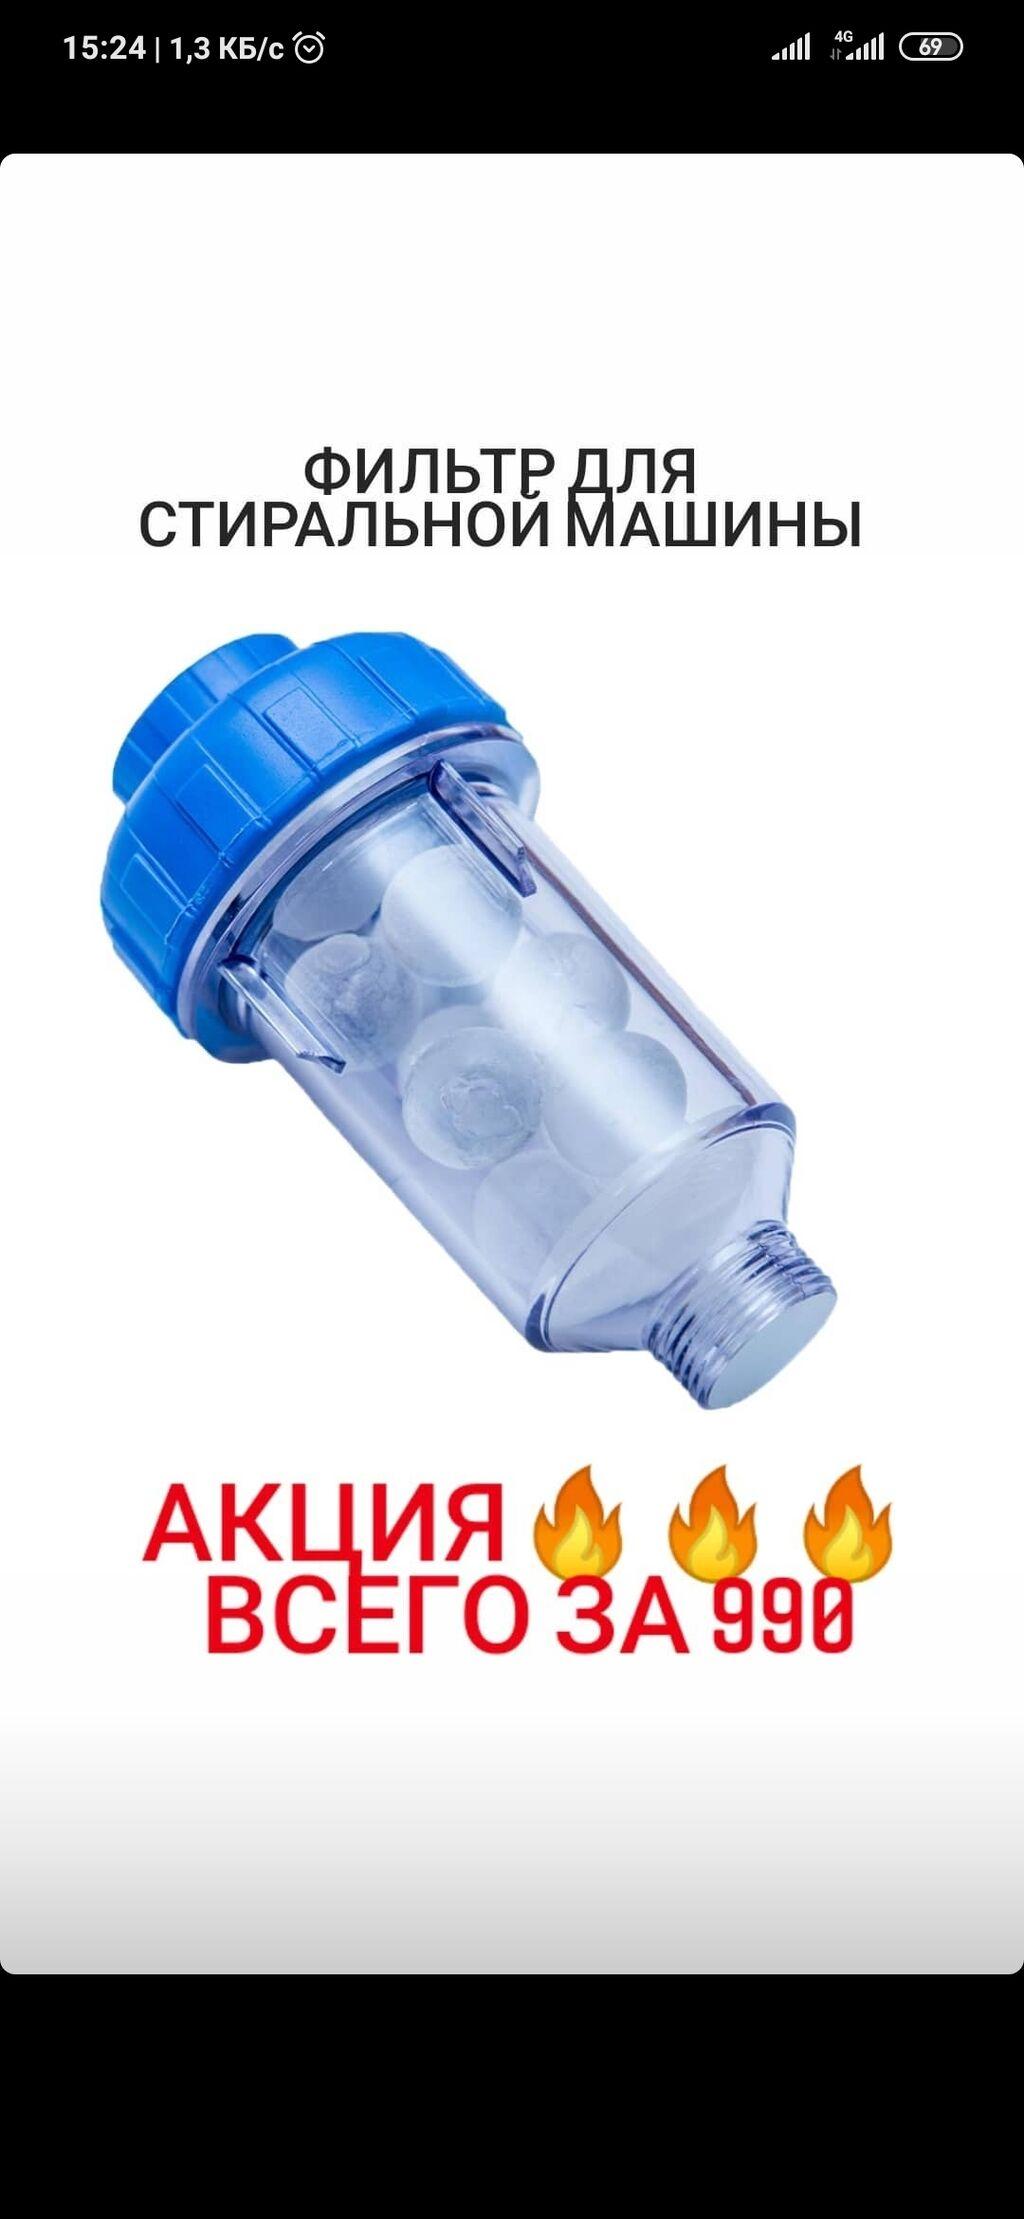 Защищает трубы, нагревательные элементы стиральных и посудомоечных: Защищает трубы, нагревательные элементы стиральных и посудомоечных